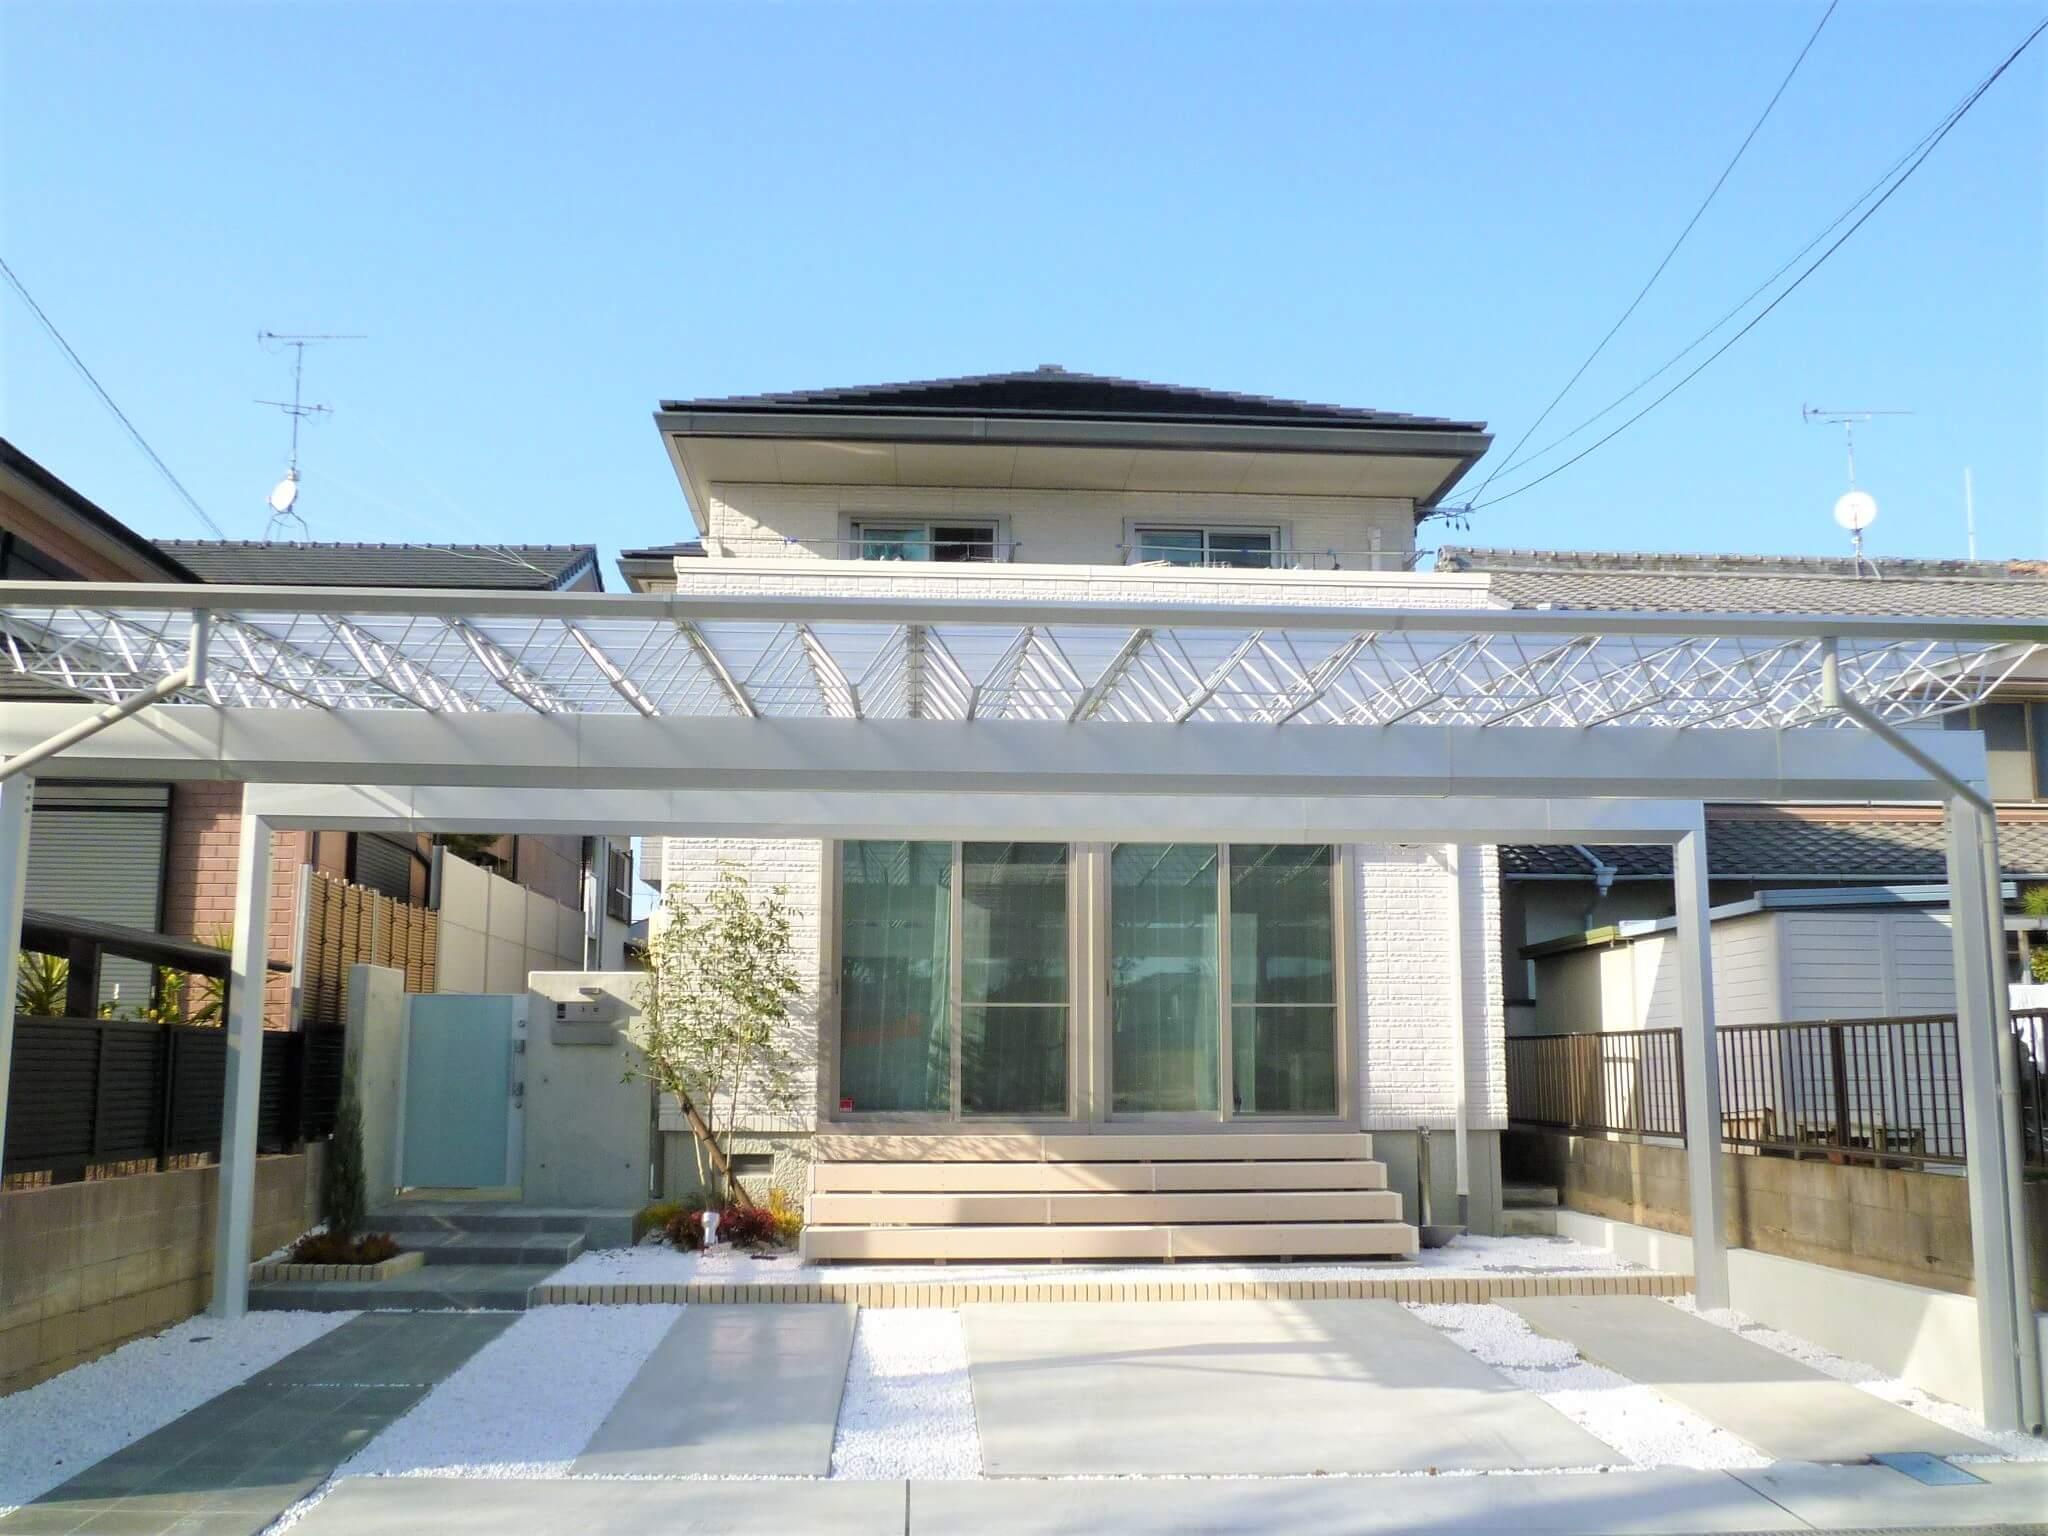 岡崎市エクステリア外構ホワイトで統一された清楚なナチュラルモダン外構